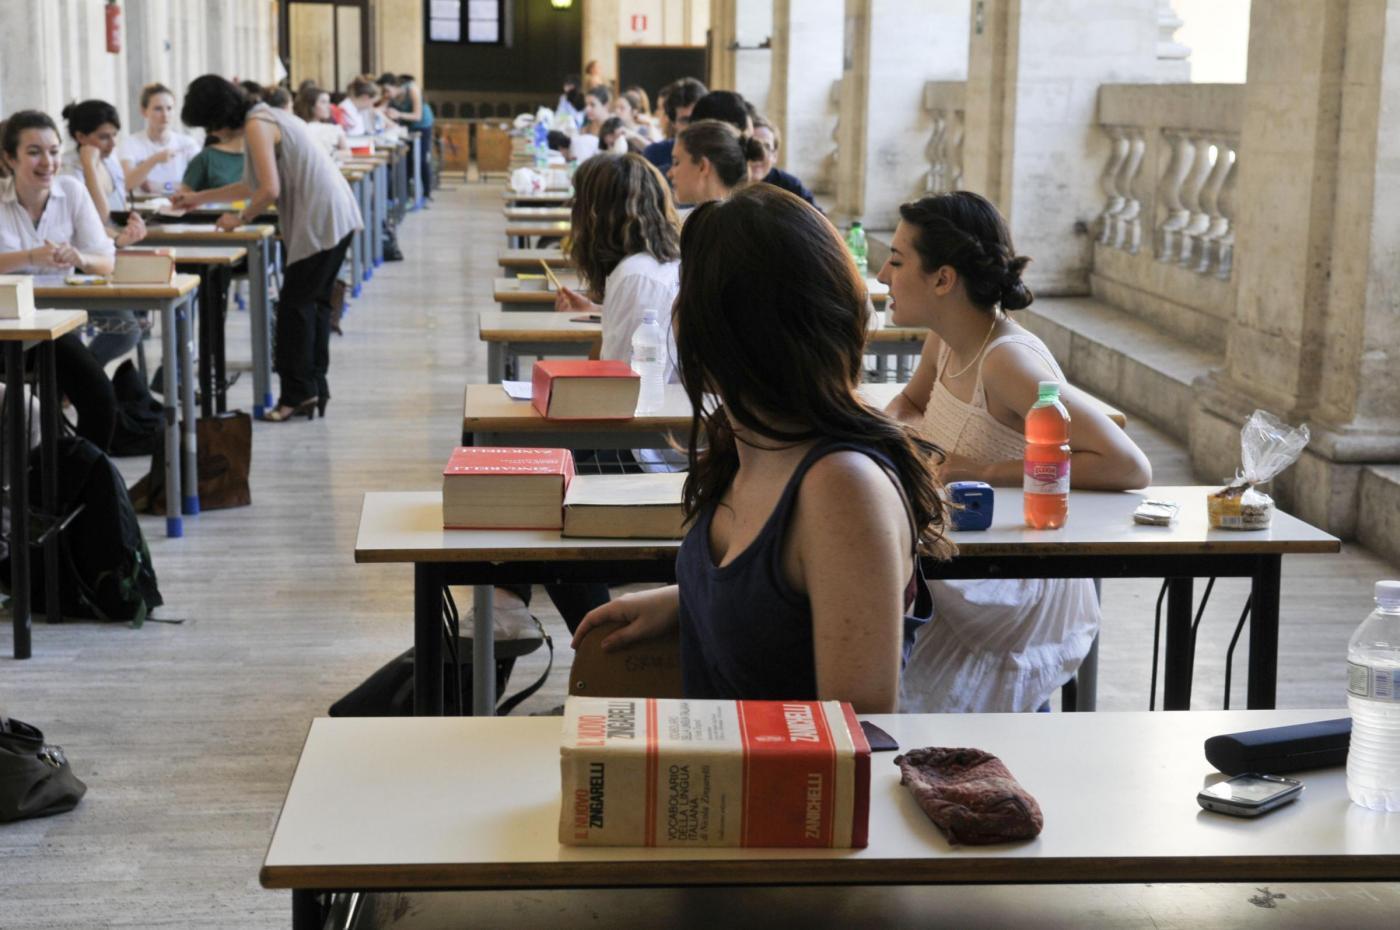 Maturità 2014, tracce e svolgimenti temi: Quasimodo, Violenza, Renzo Piano e Europa 1914-2014